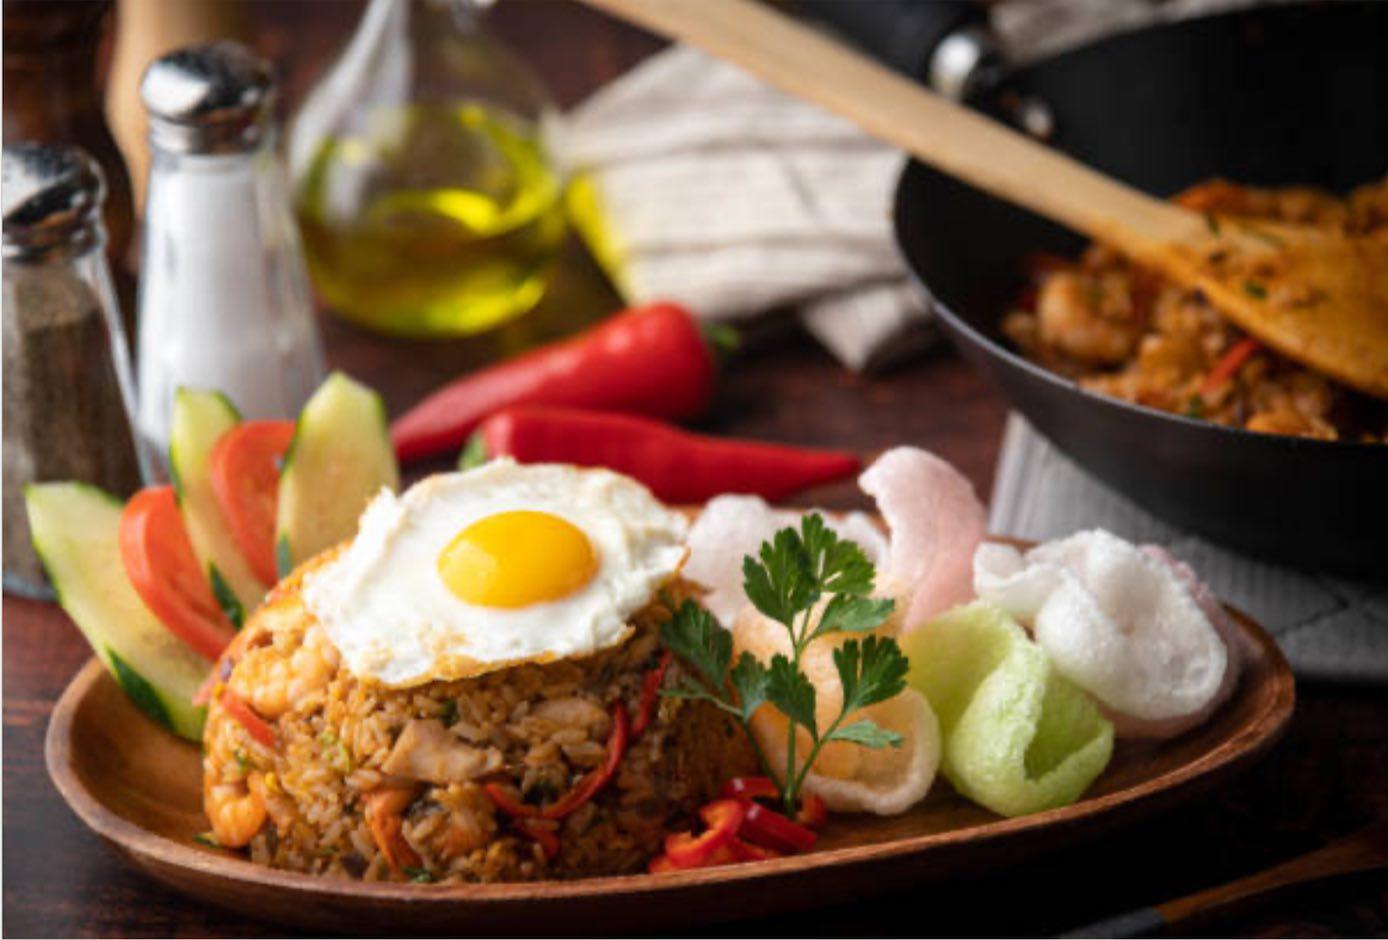 Resep Nasi Goreng Spesial, Menu Sarapan Favorit Indonesia